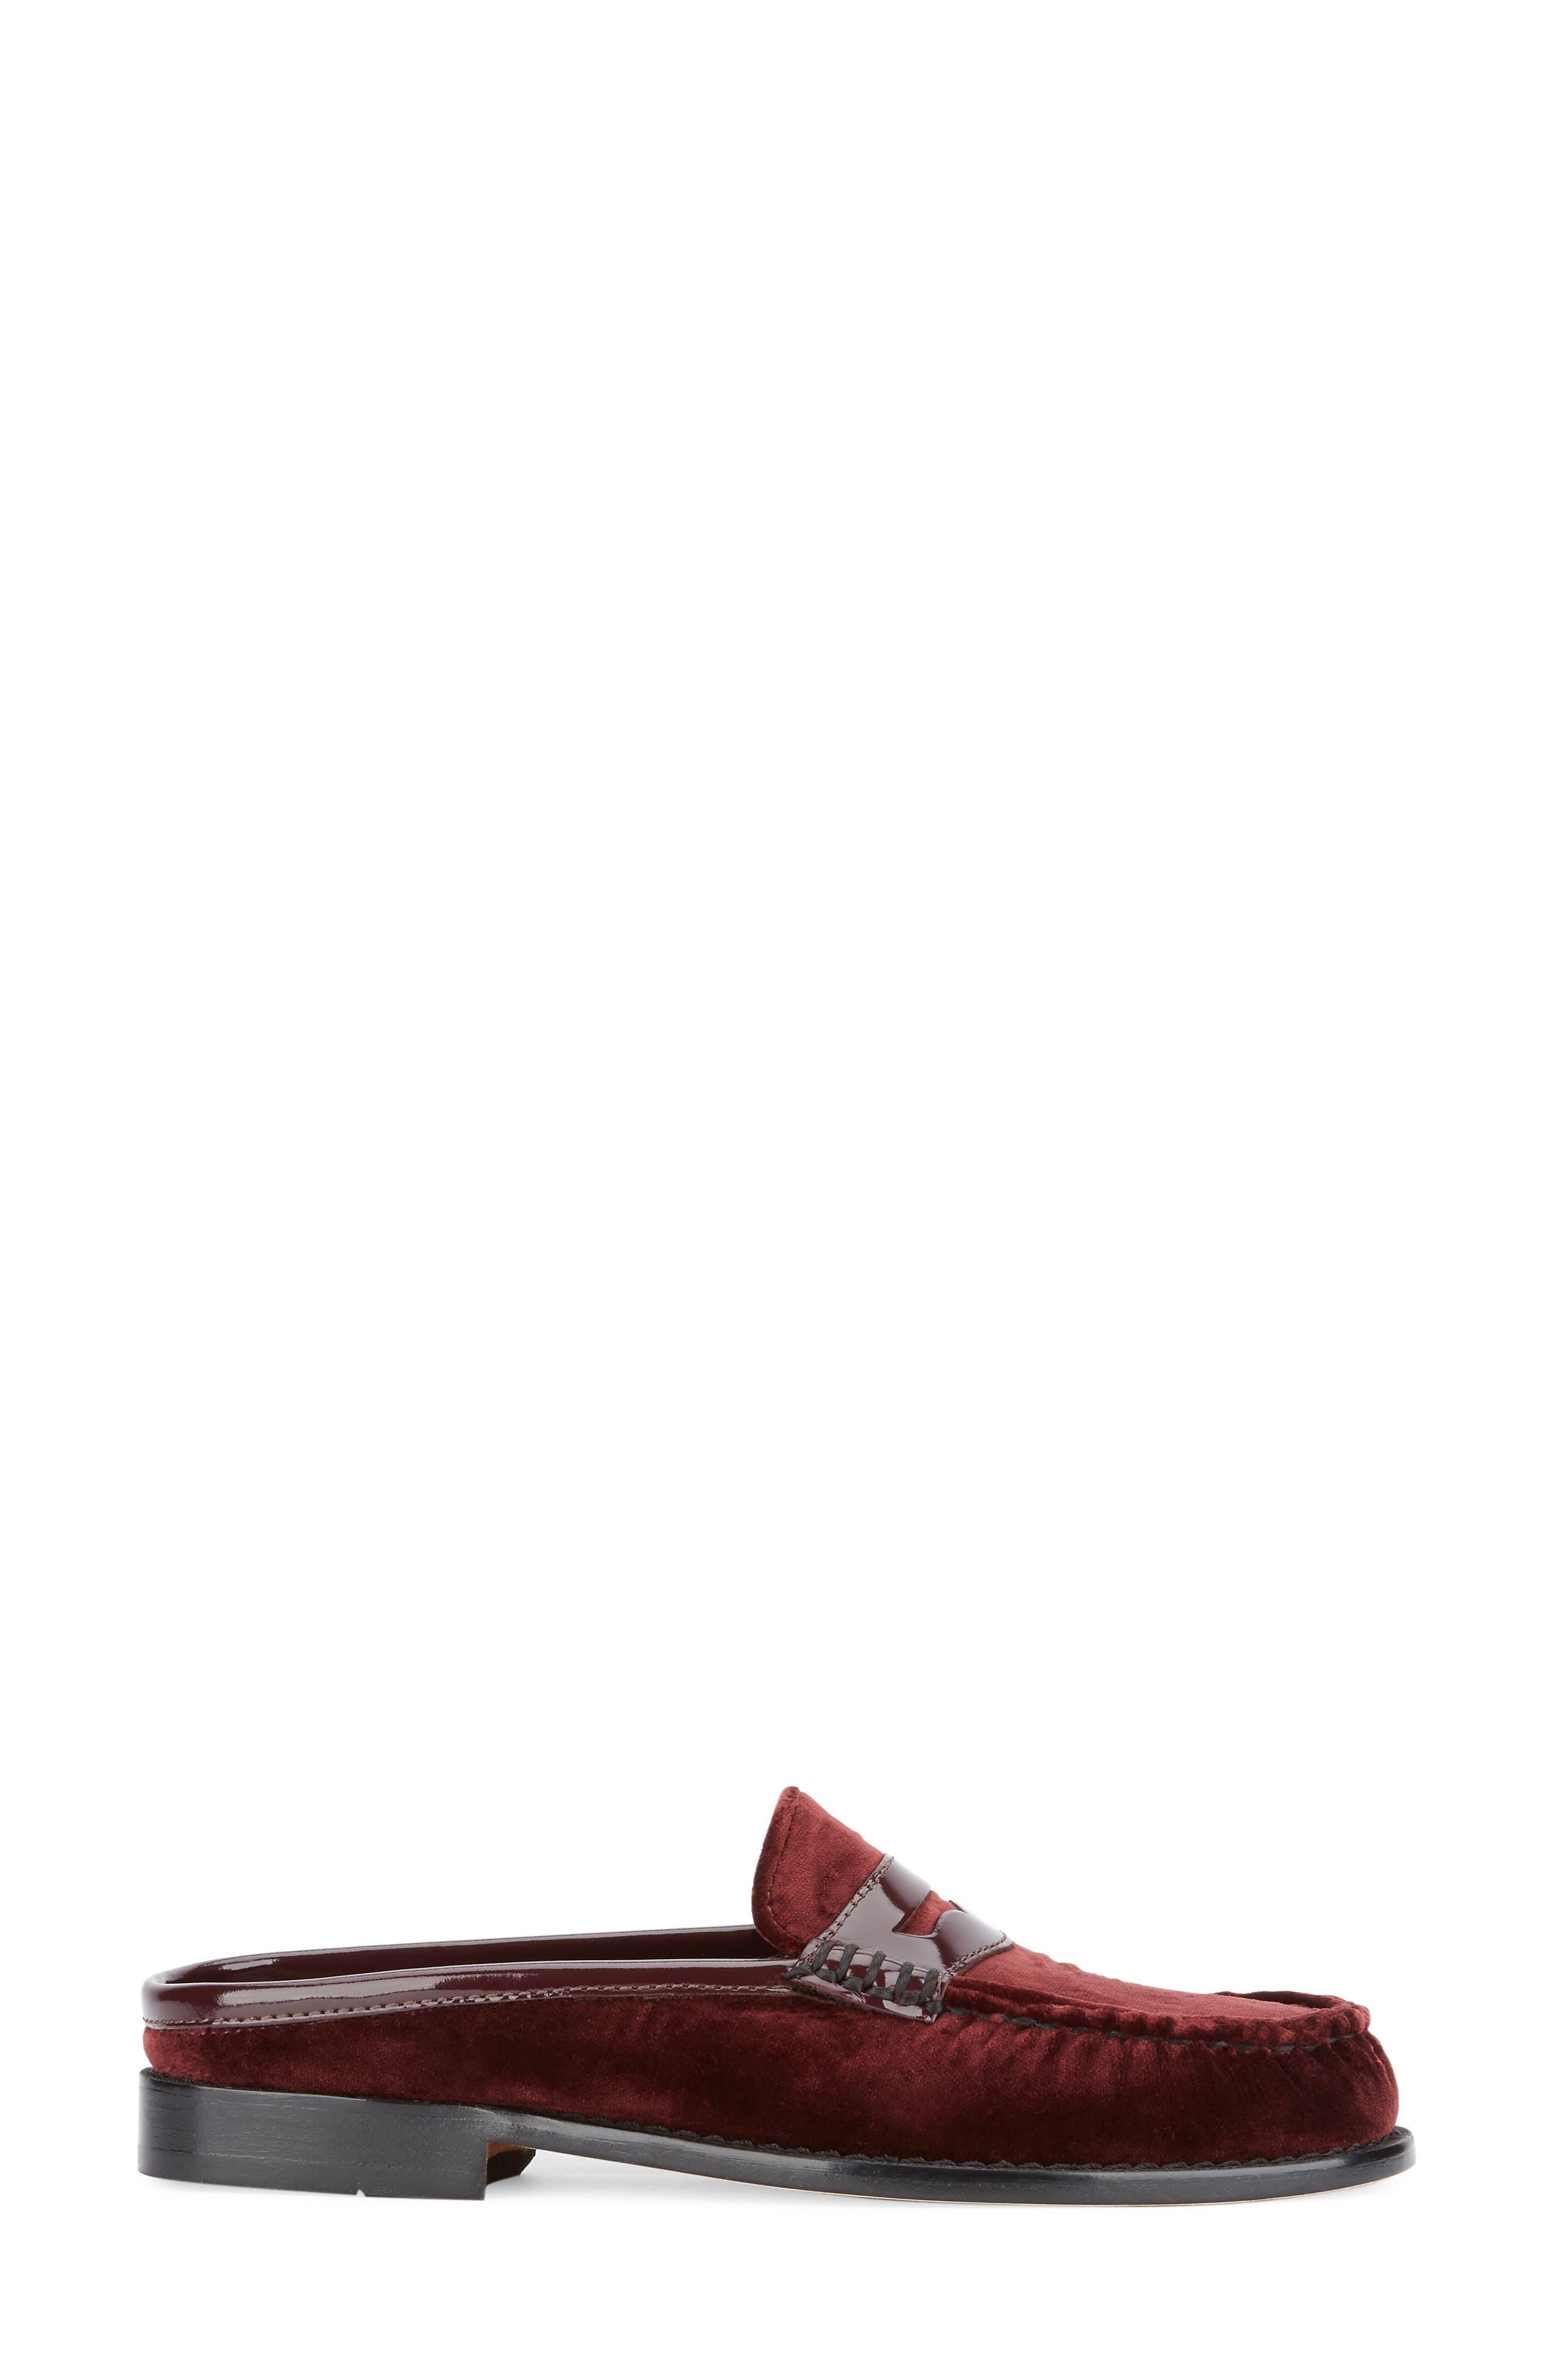 Wynn Loafer Mule,                             Alternate thumbnail 2, color,                             Wine Velvet